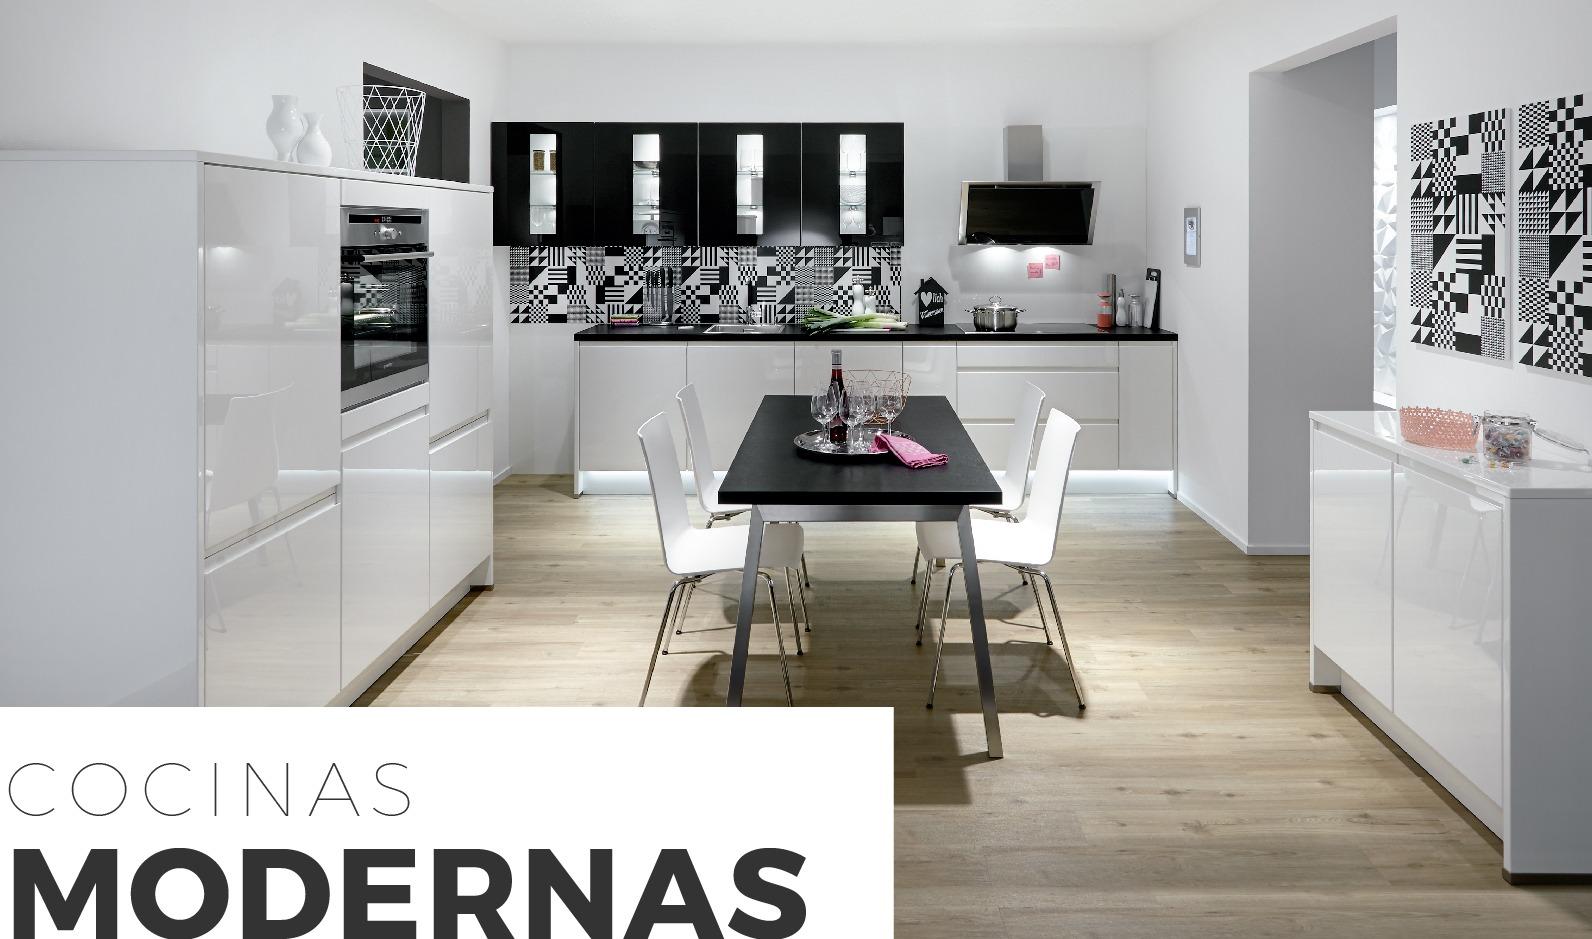 Cocinas Modernas Kouch Sevilla